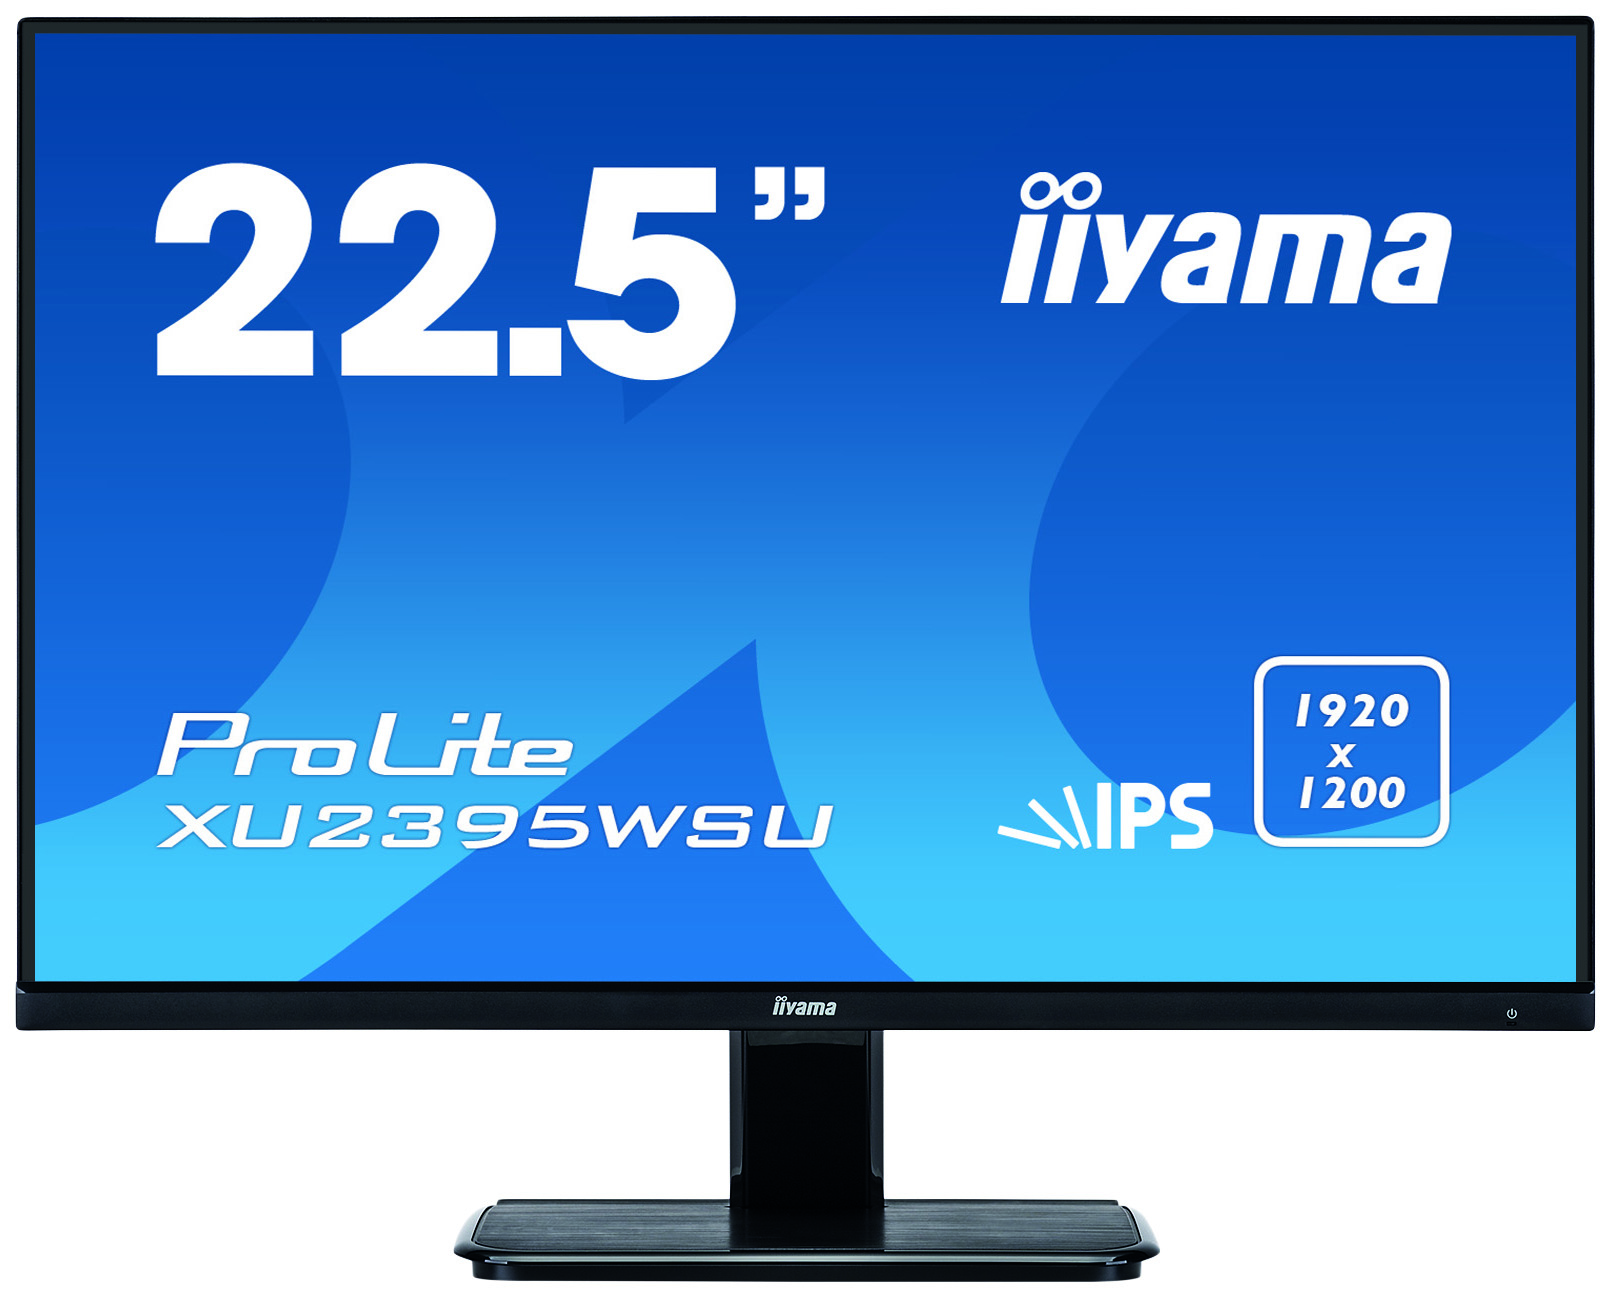 IIYAMA XU2395WSU-B1